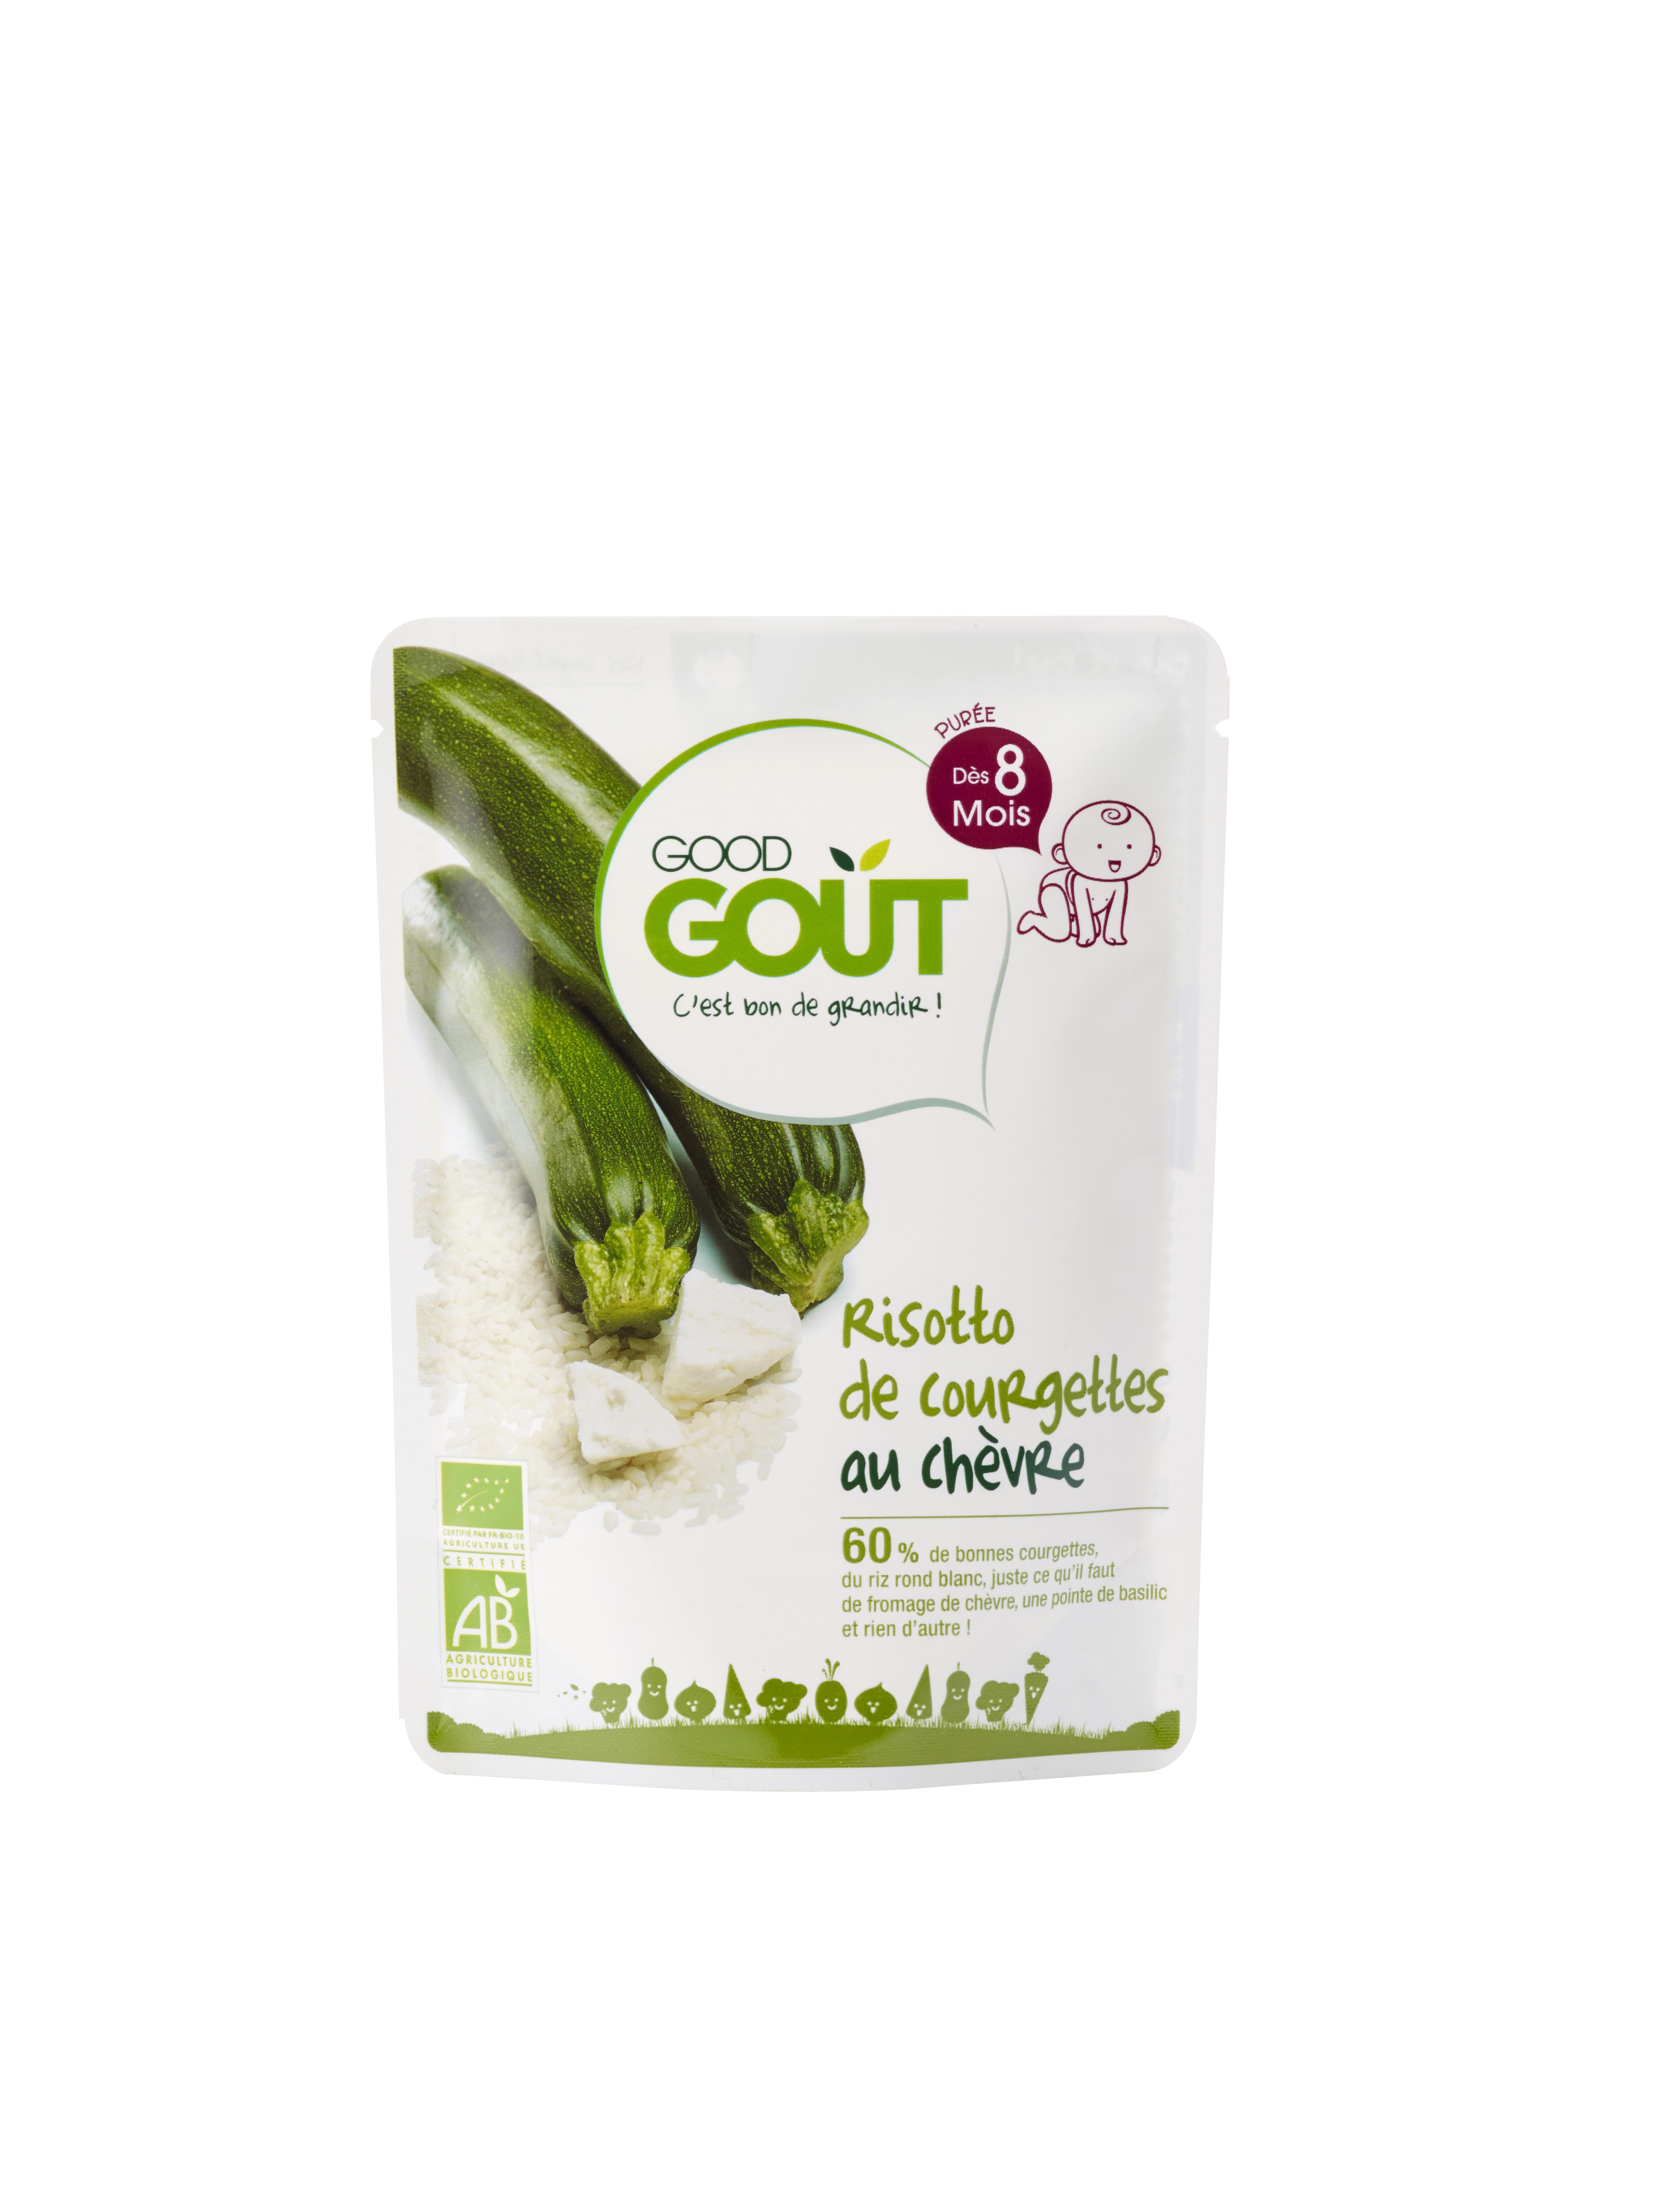 Risotto de courgettes au chèvre BIO, Good Goût (190 g) - dès 8 mois